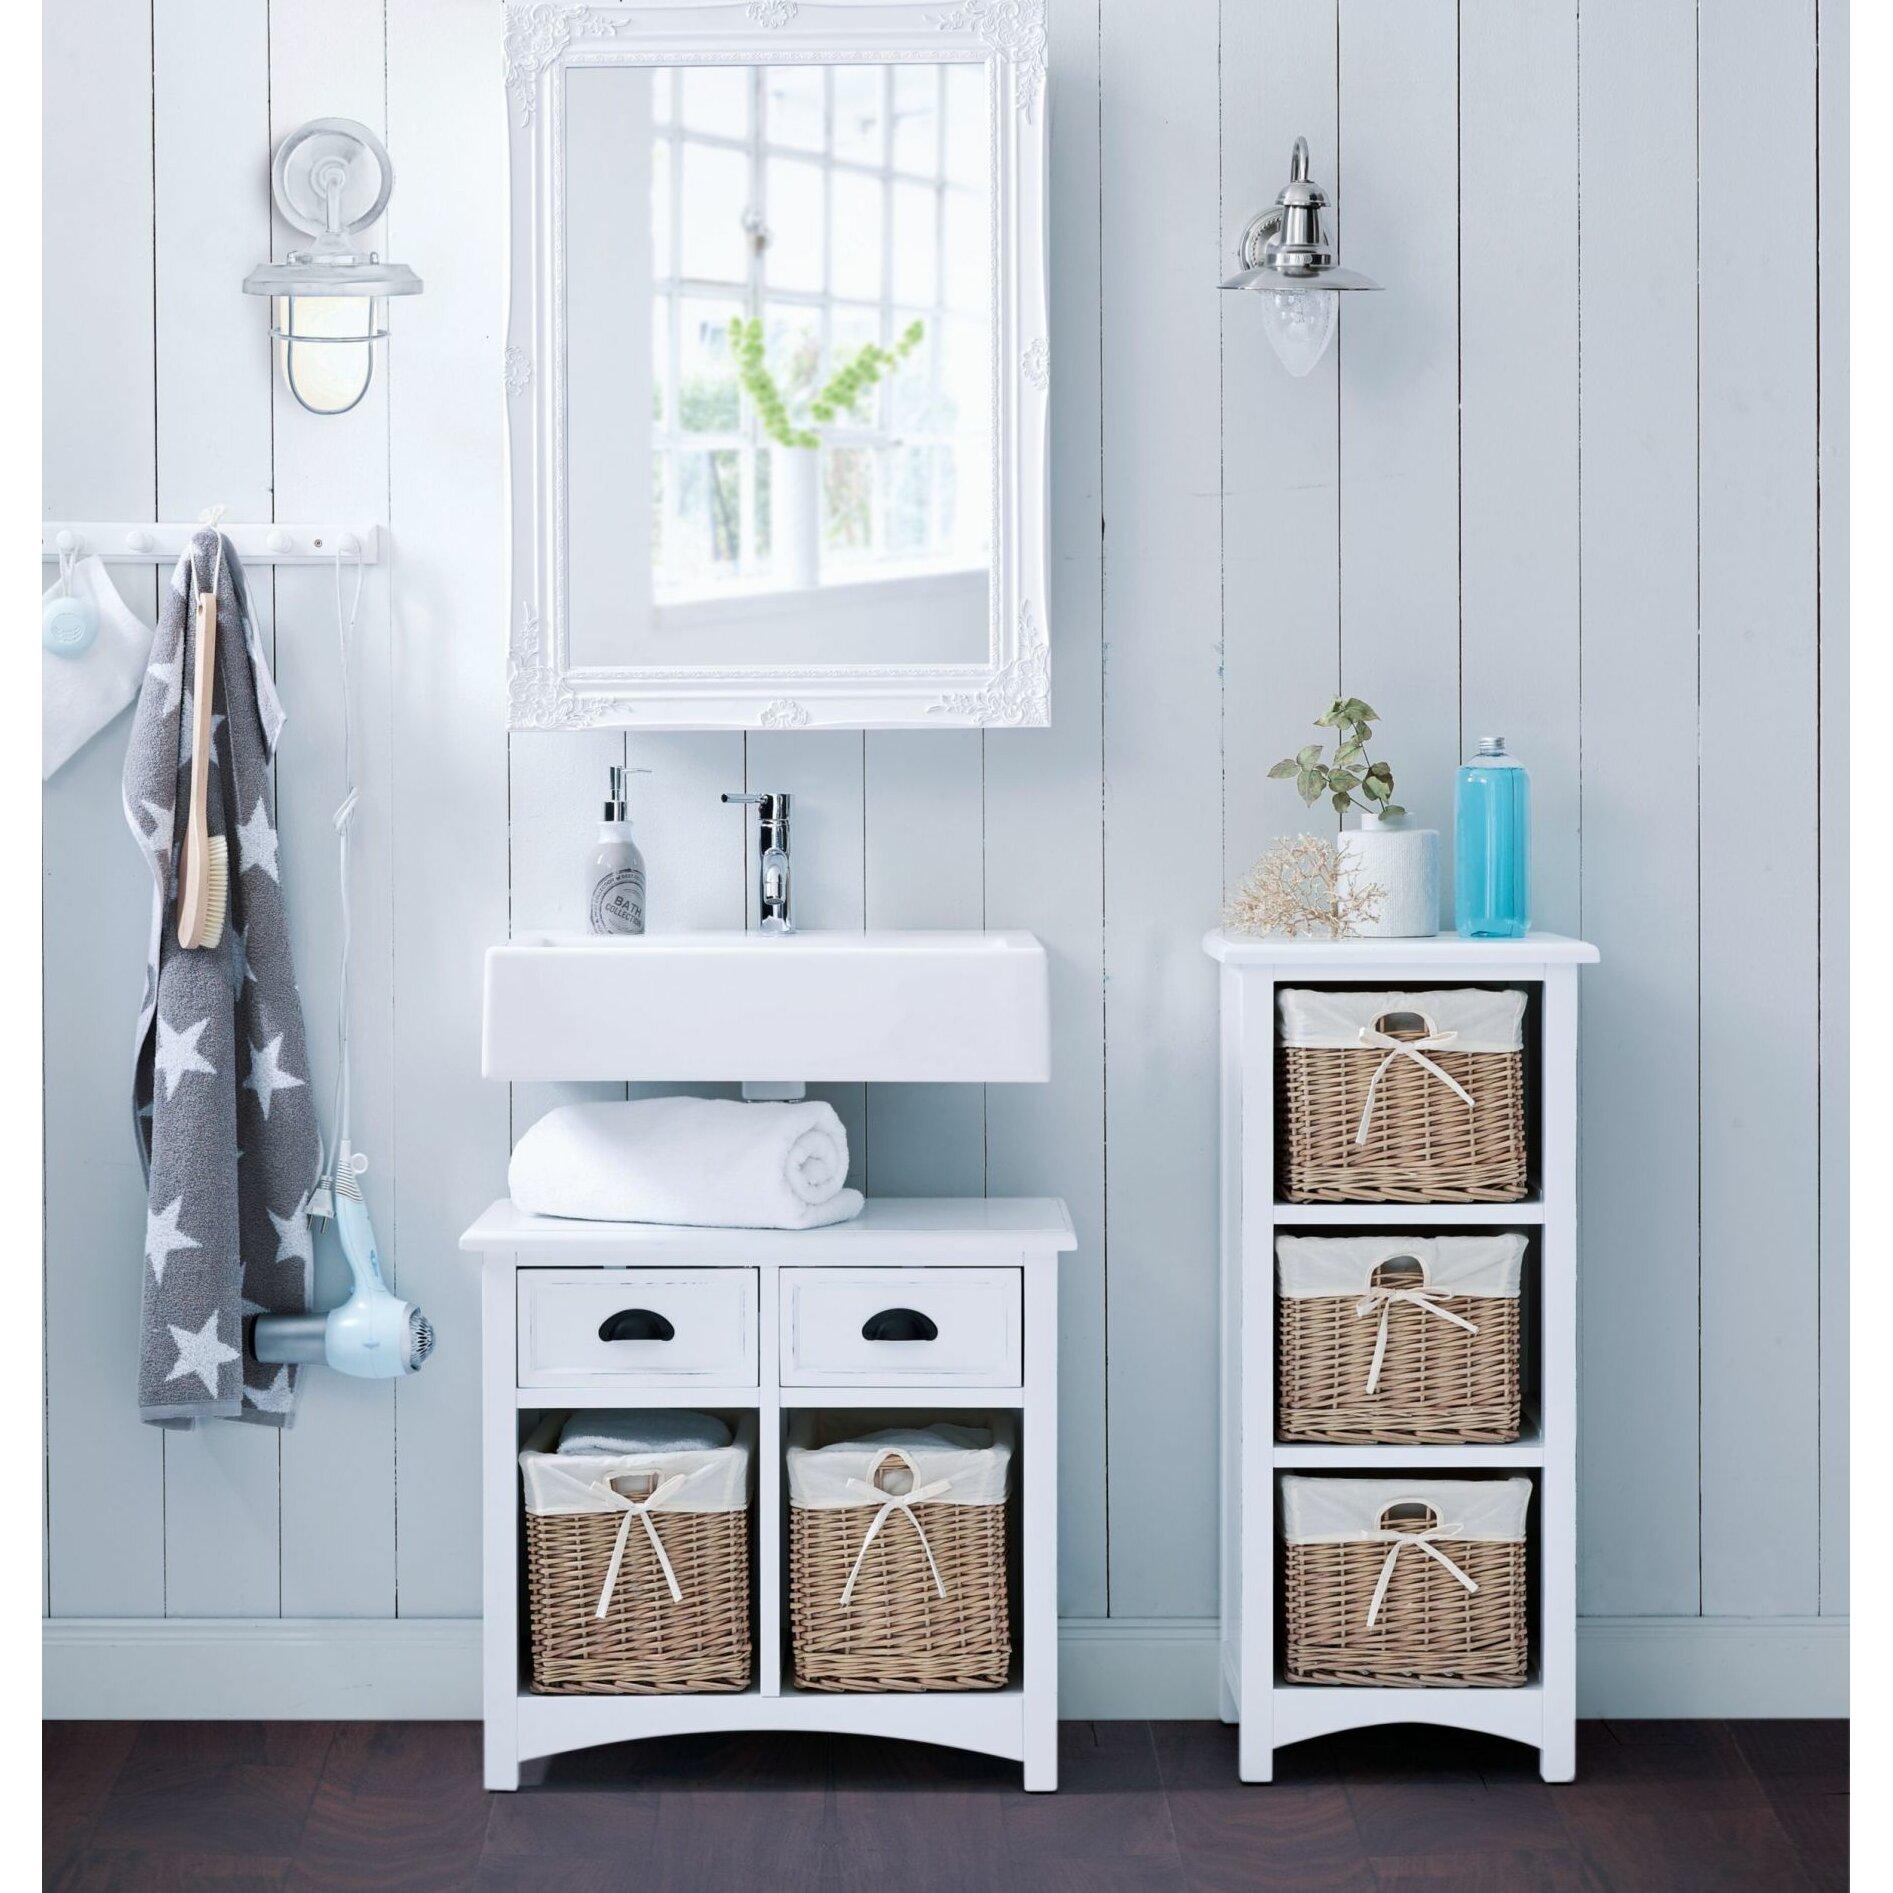 pureday 60 x 80 cm verspiegelter schrank. Black Bedroom Furniture Sets. Home Design Ideas